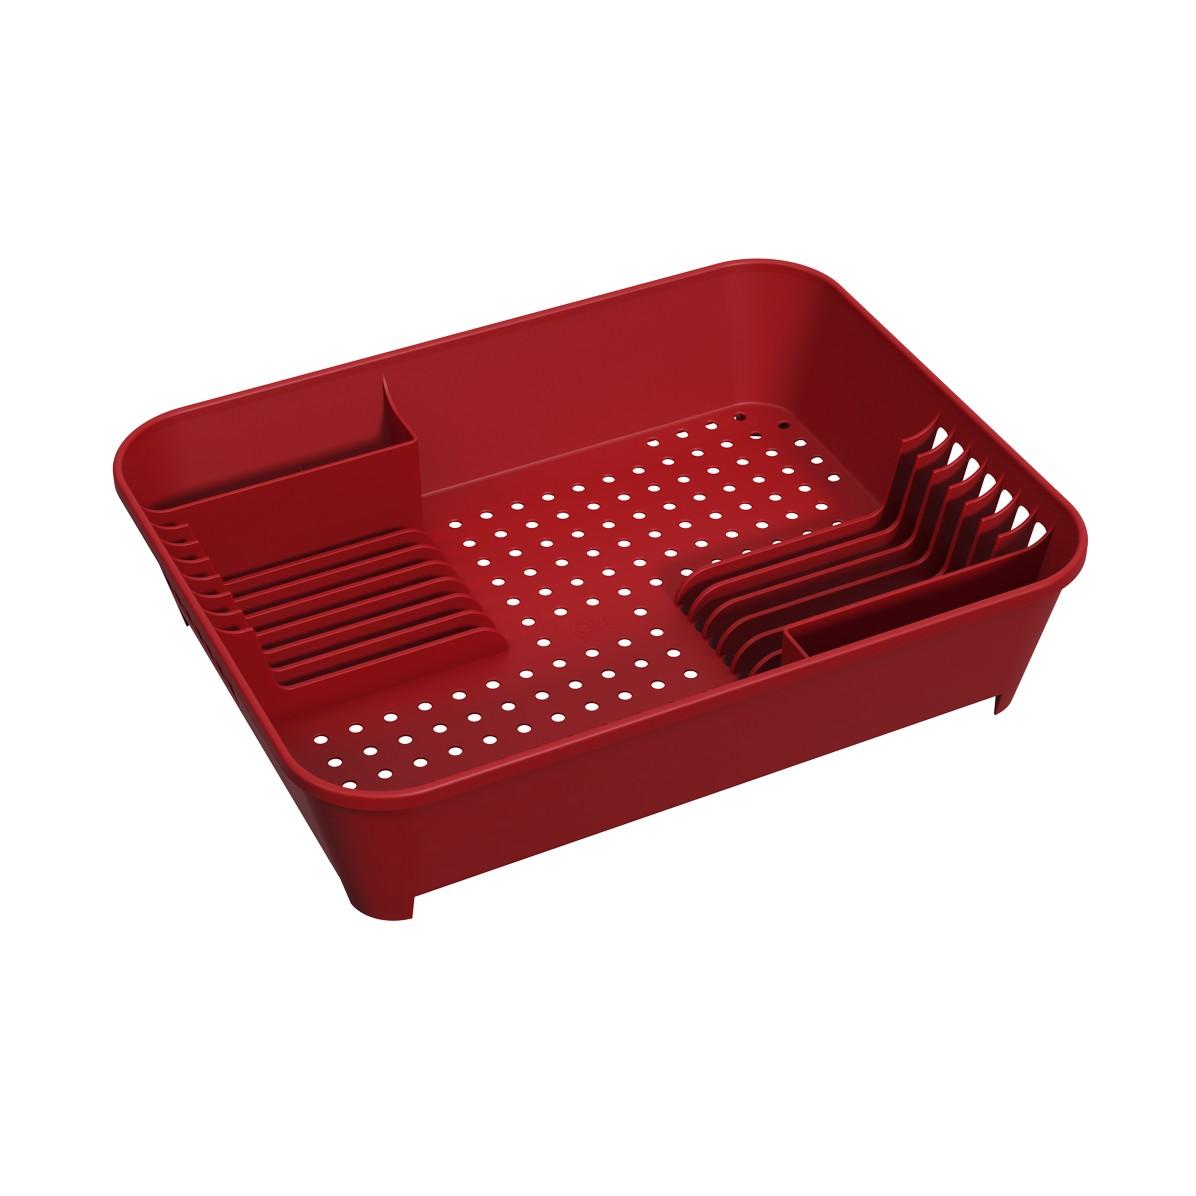 Escorredor de Loucas Plastico - Vermelho Bold 10848 - Coza